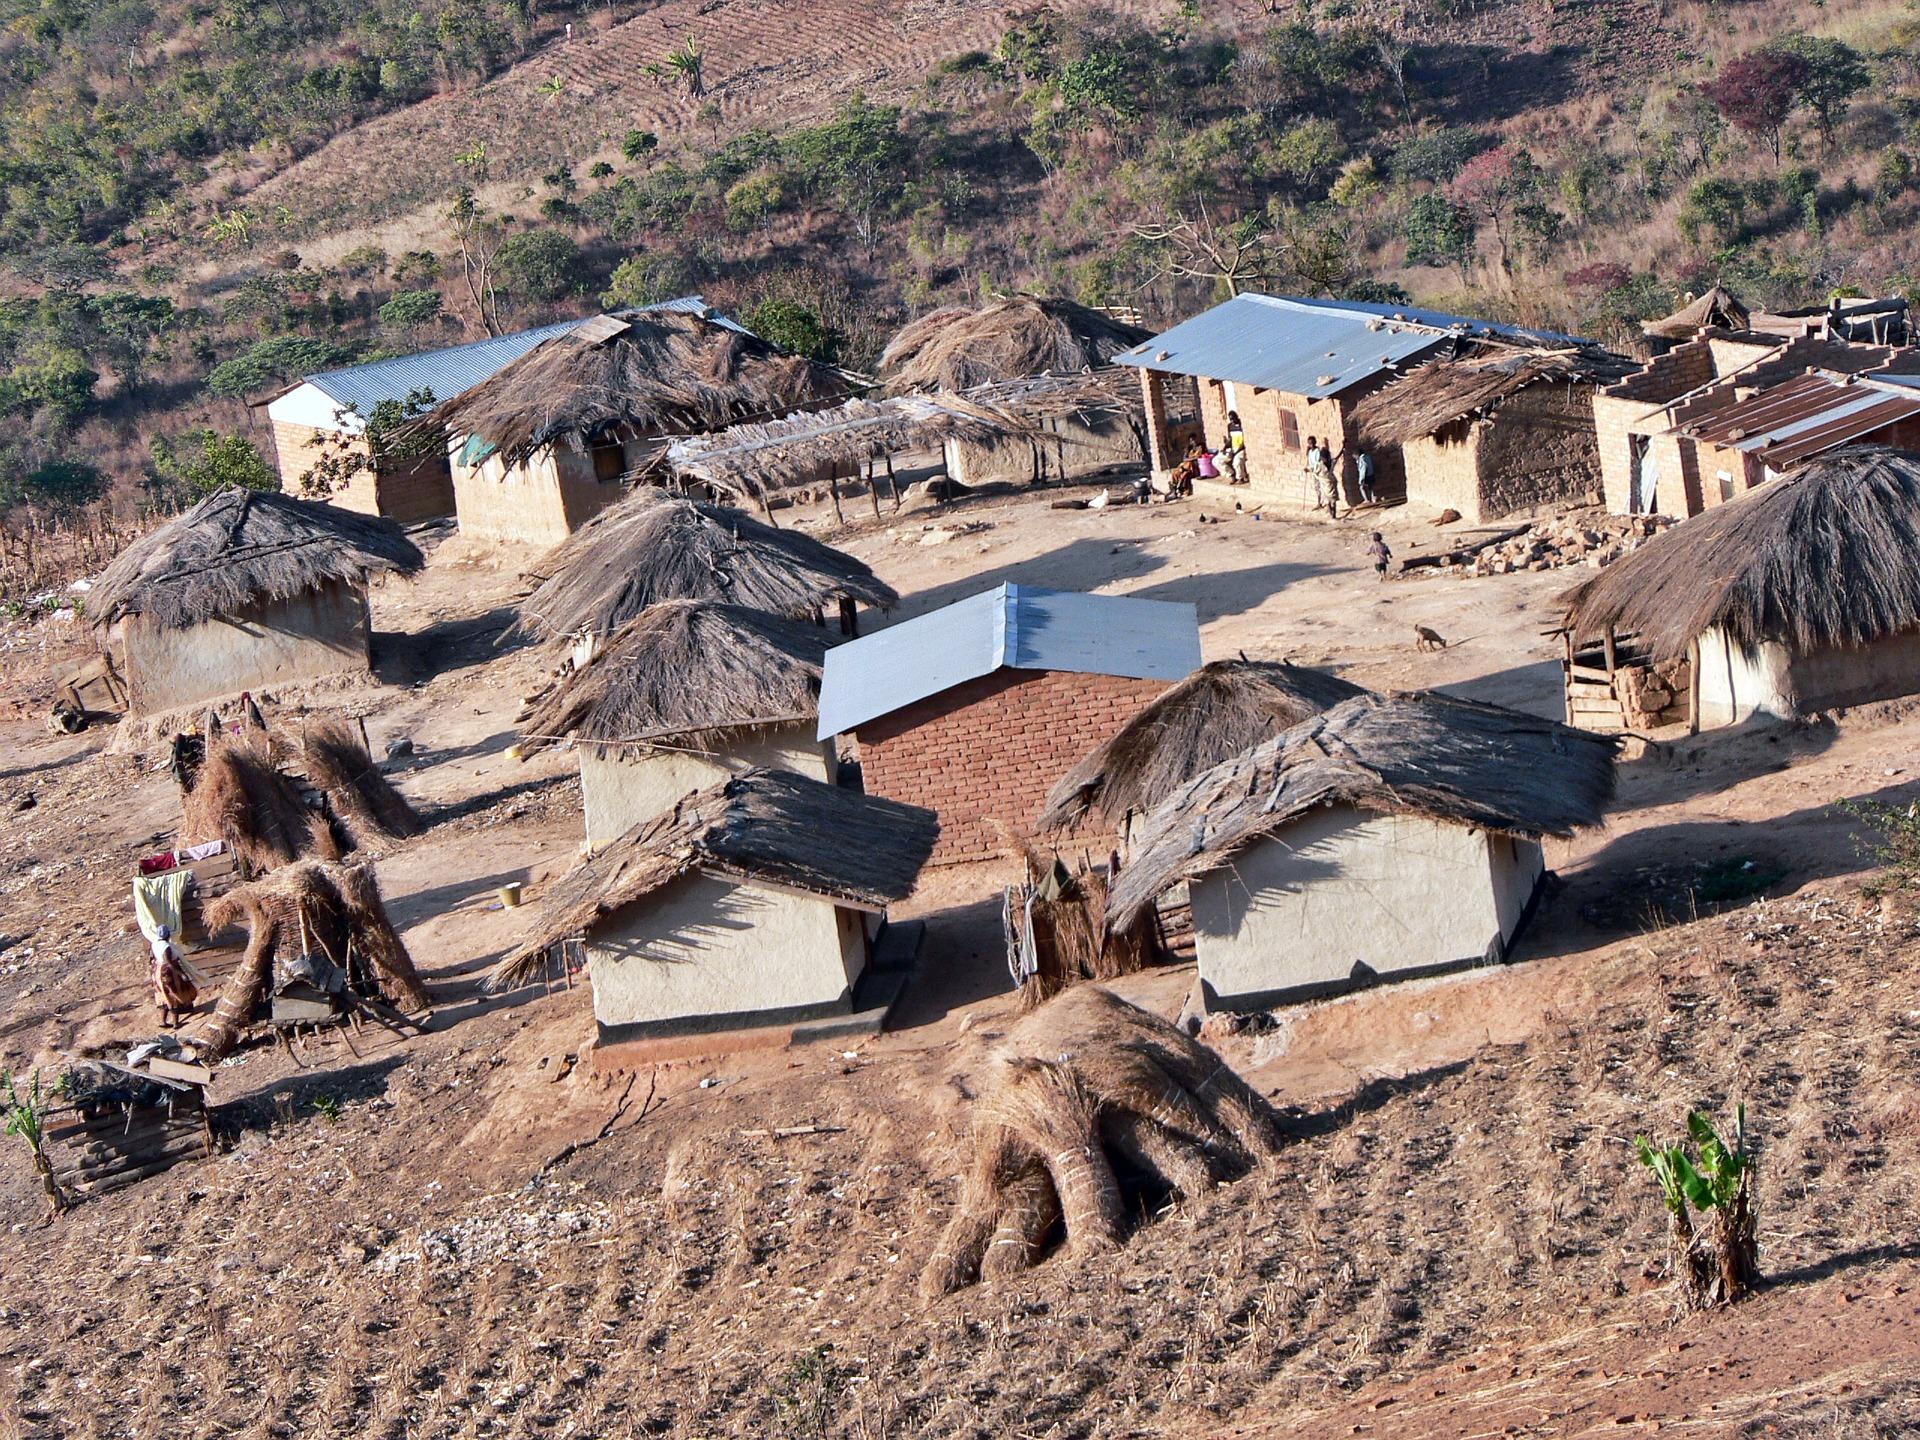 Malawi-2388148_1920